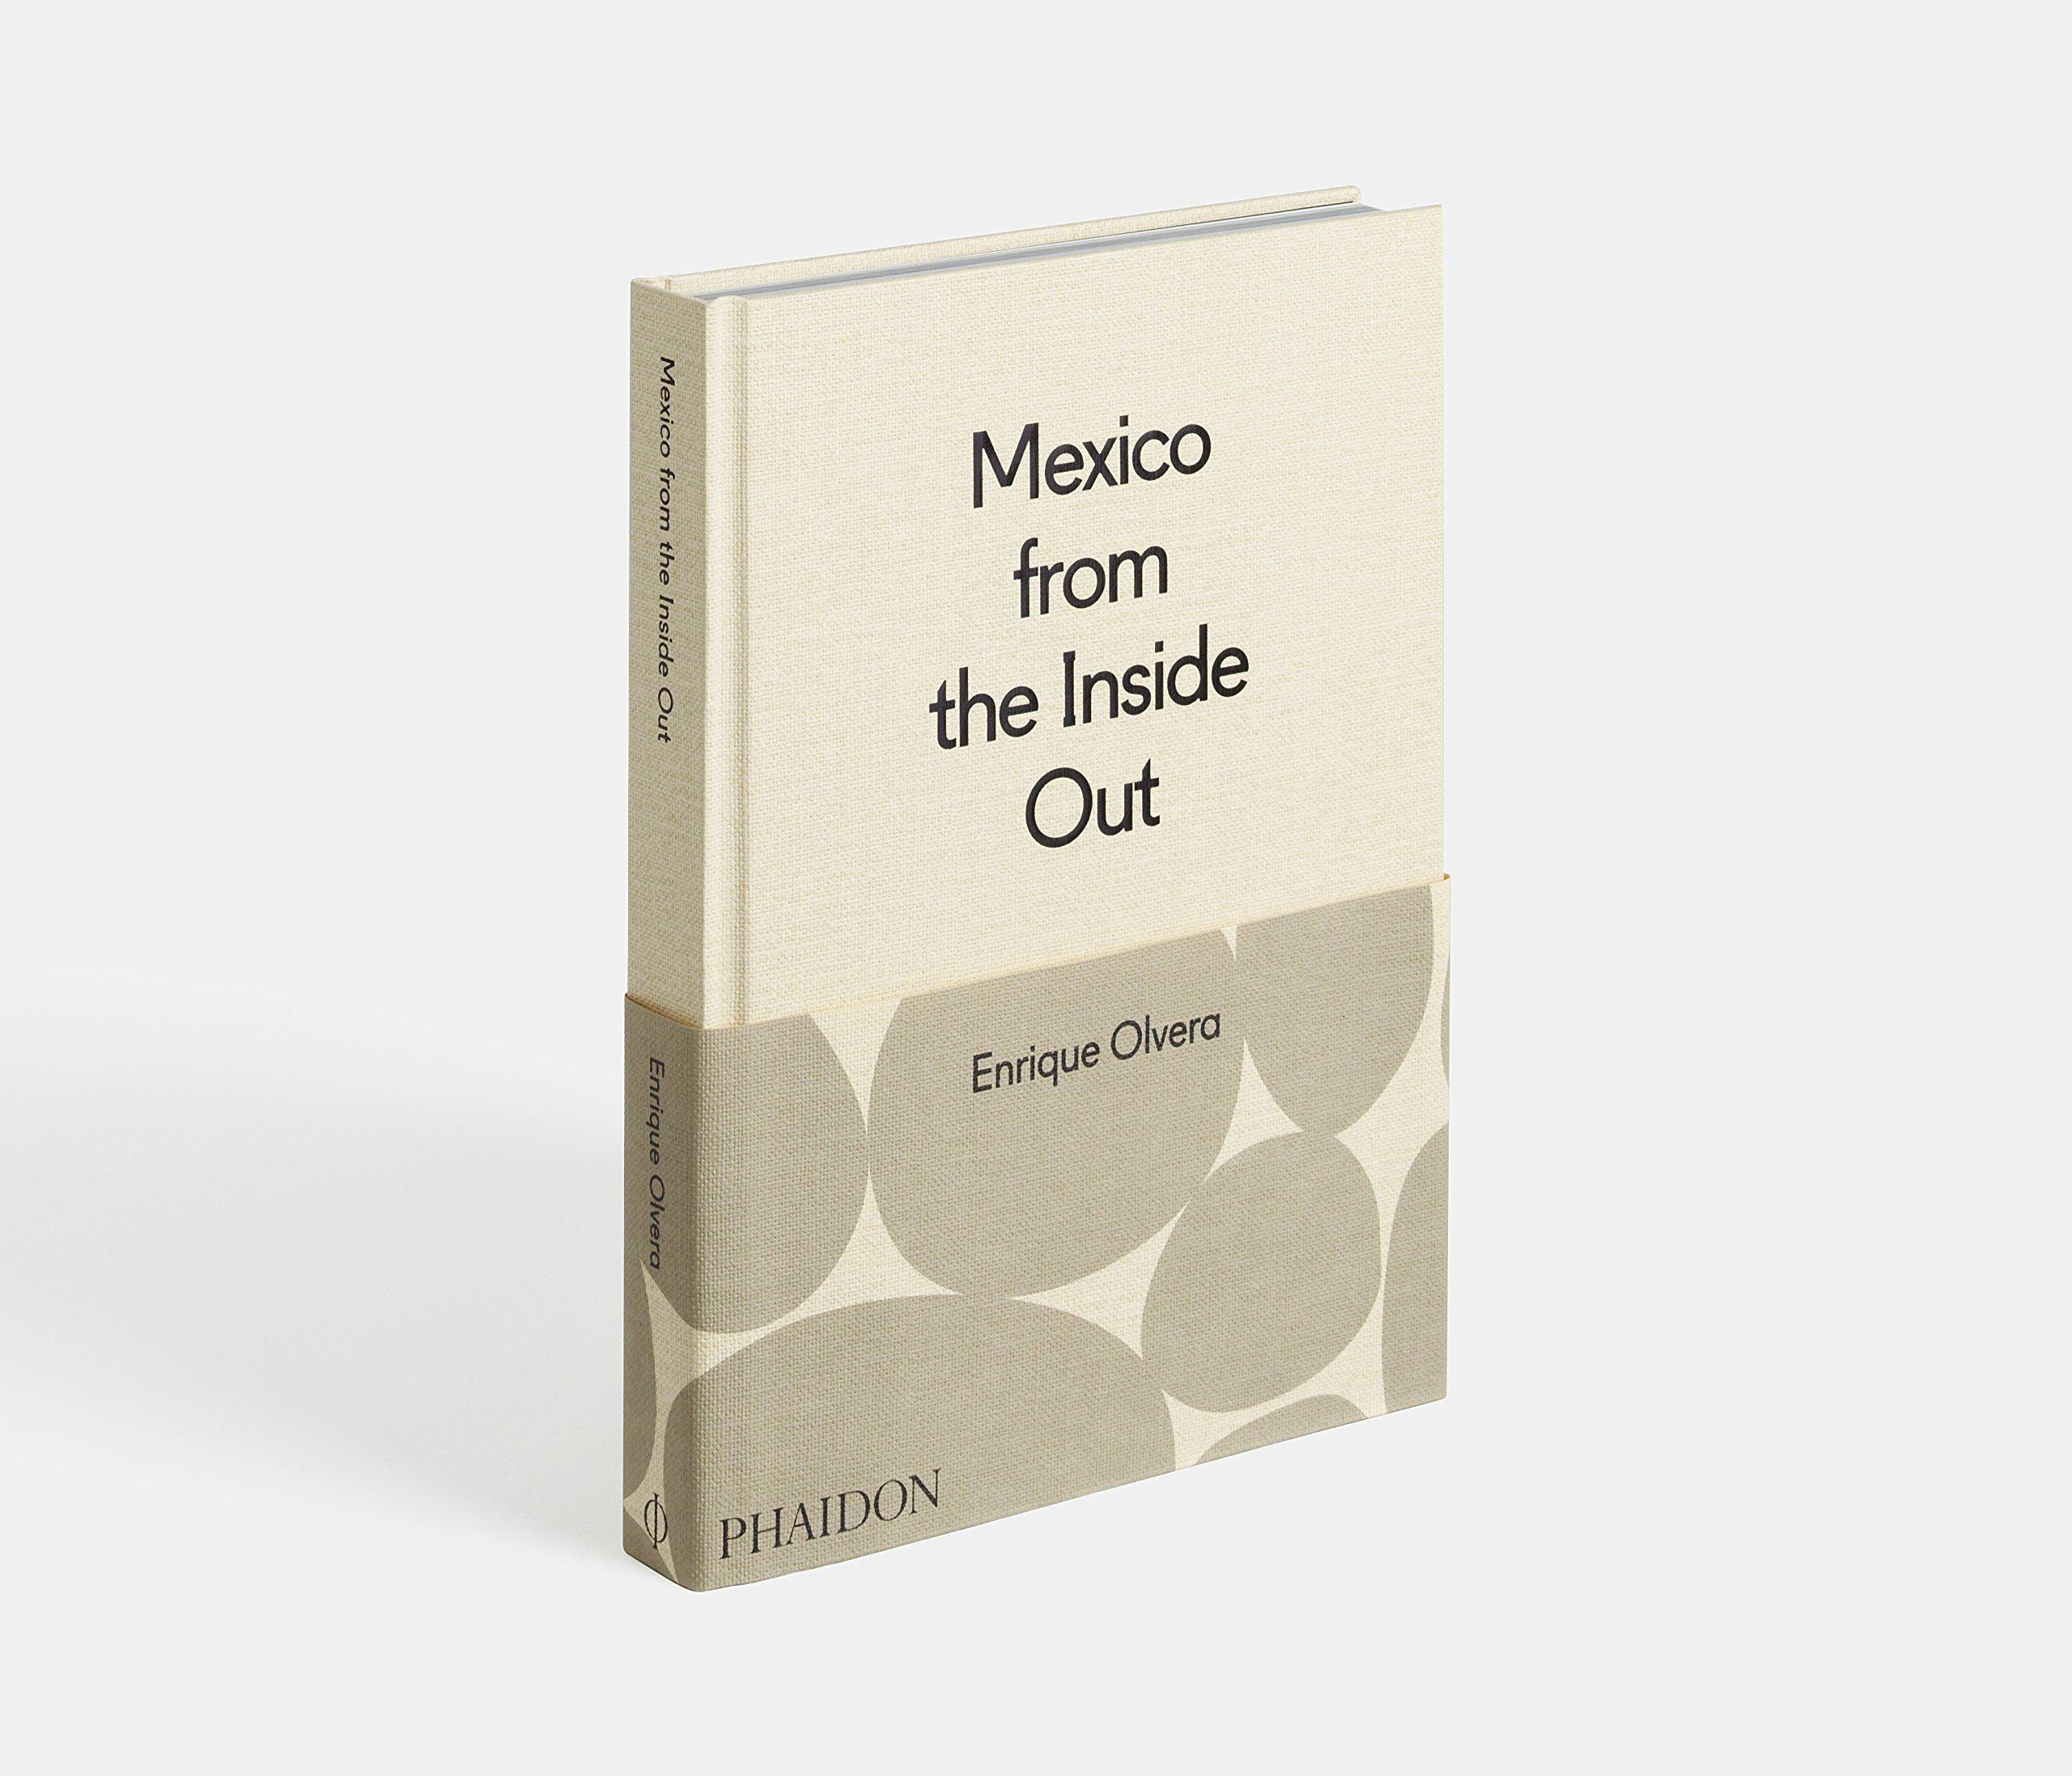 Mexico from the inside out (Cucina): Amazon.es: Enrique Olvera: Libros en idiomas extranjeros